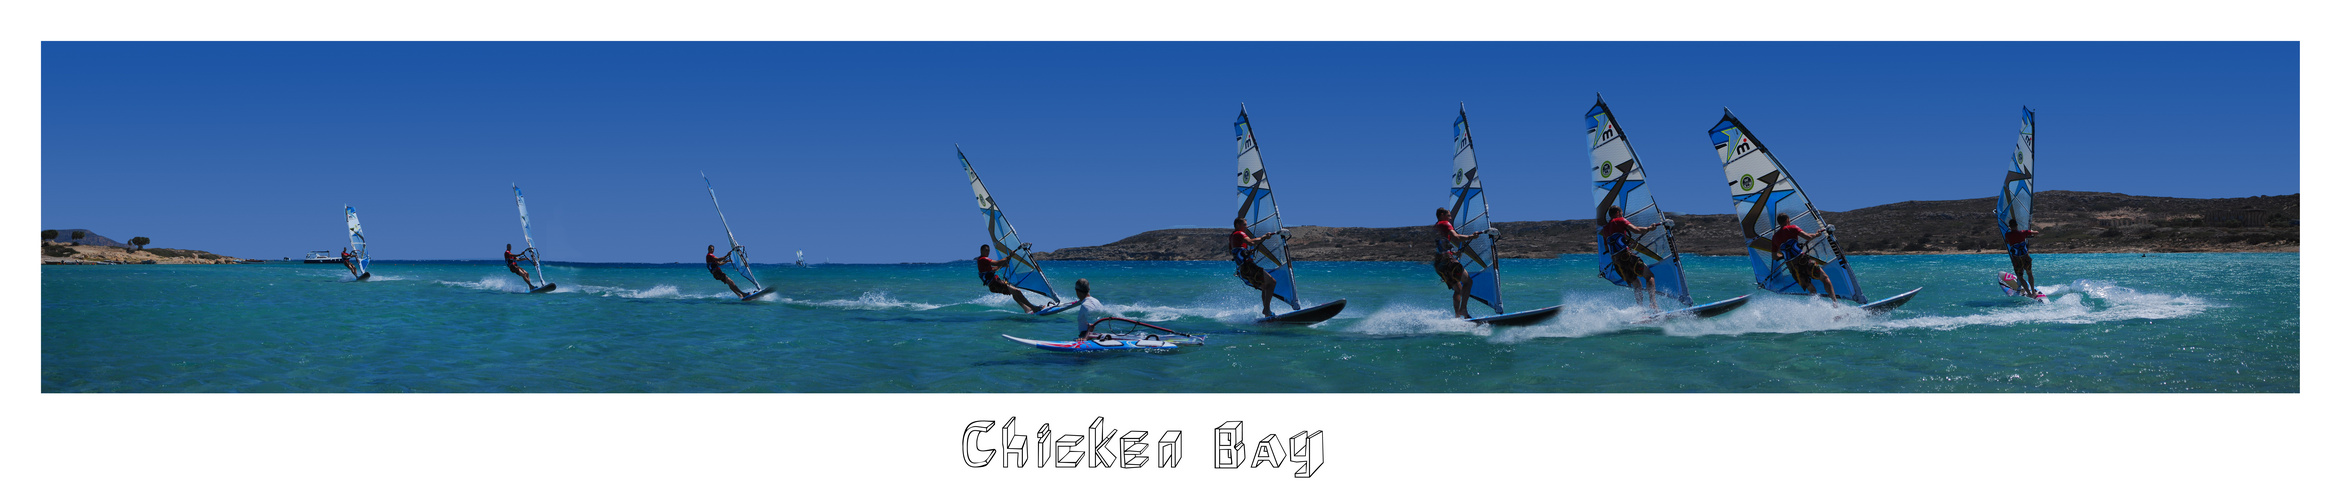 Chicken Bay